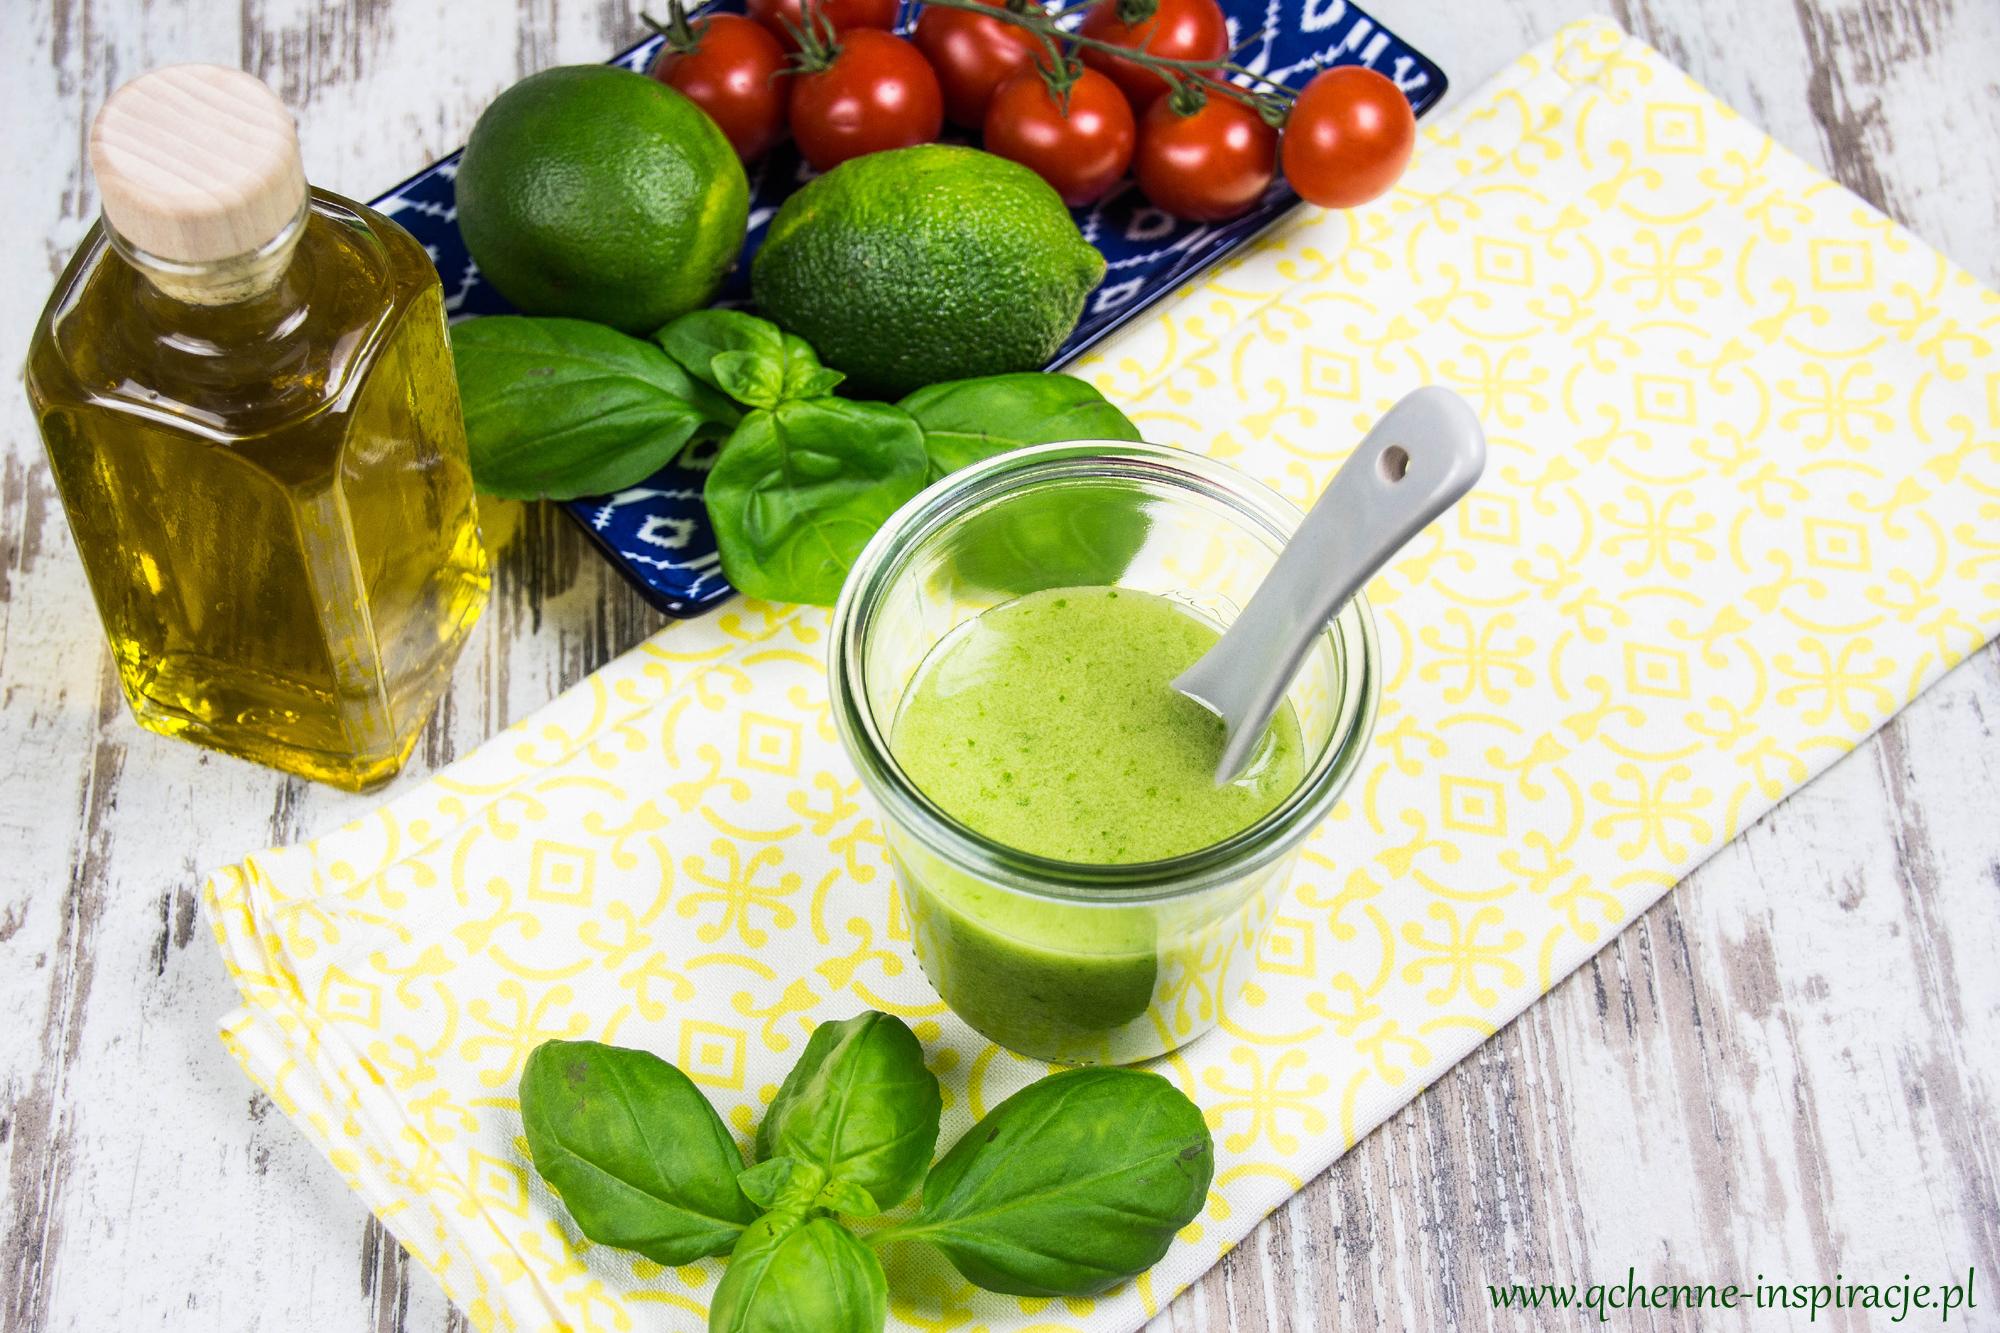 pokochaj olej rzepkowy najlepszy dressing do sałatki